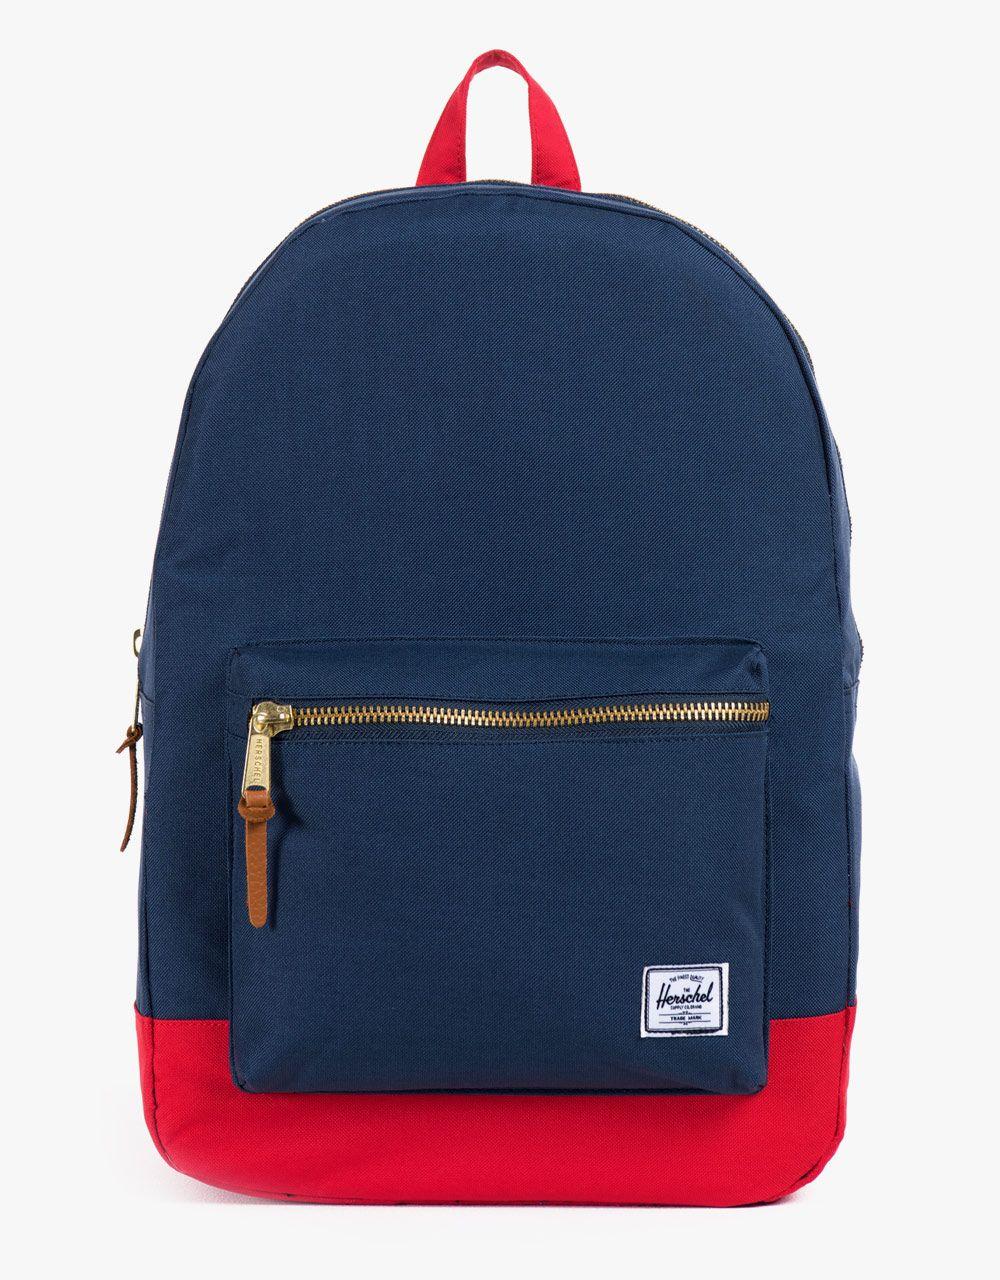 Herschel Supply Co. Settlement Backpack - Navy Red  6e0429e91bb4e